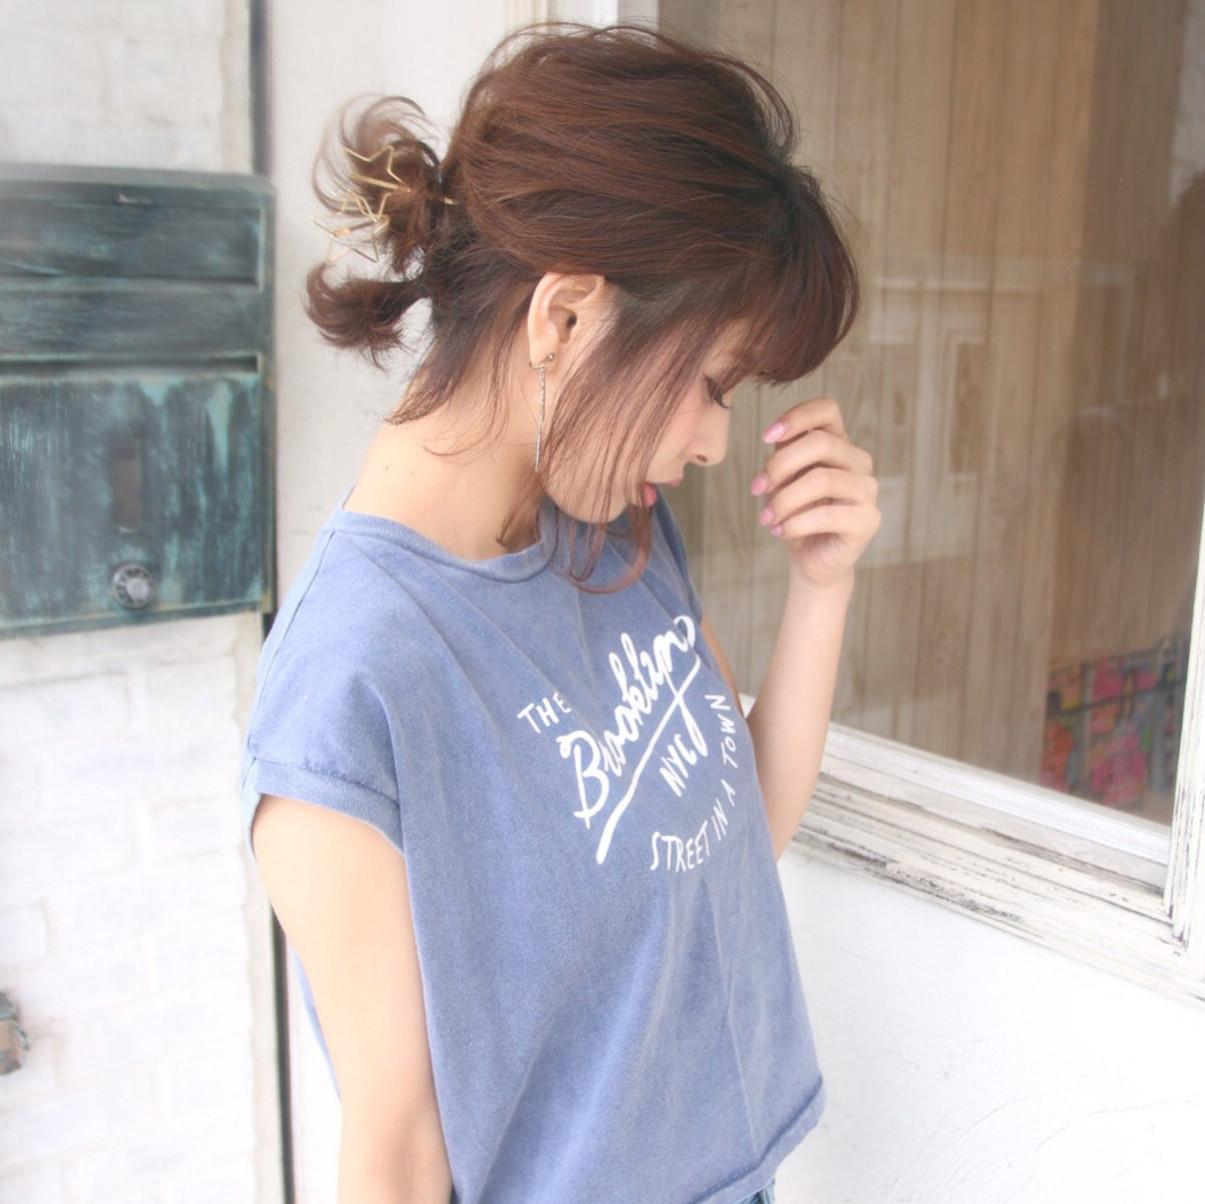 ショートヘアさんにおすすめ♡ちょこんとかわいいショートお団子スタイルとは?